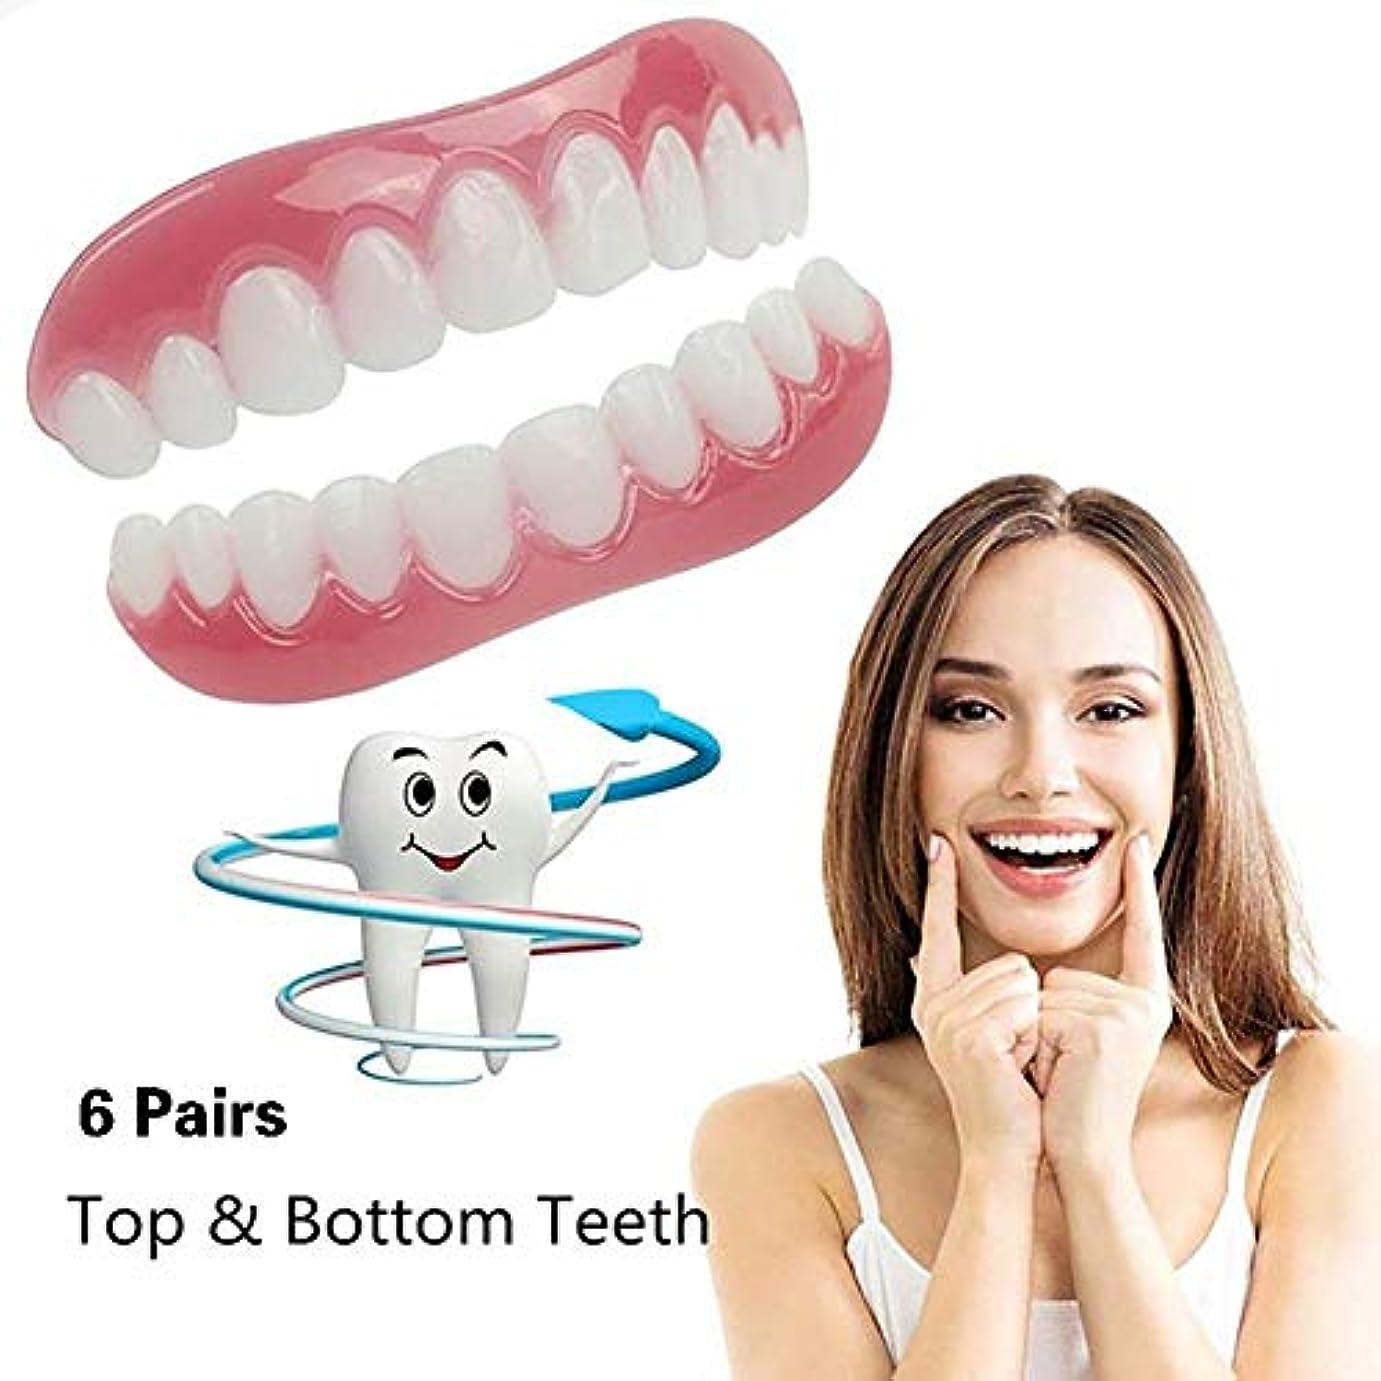 オフェンスジョセフバンクス未払い6 Pairs Whitening Snap Perfect Smile Teeth Fake Tooth Cover On Smile Instant Teeth Cosmetic Denture